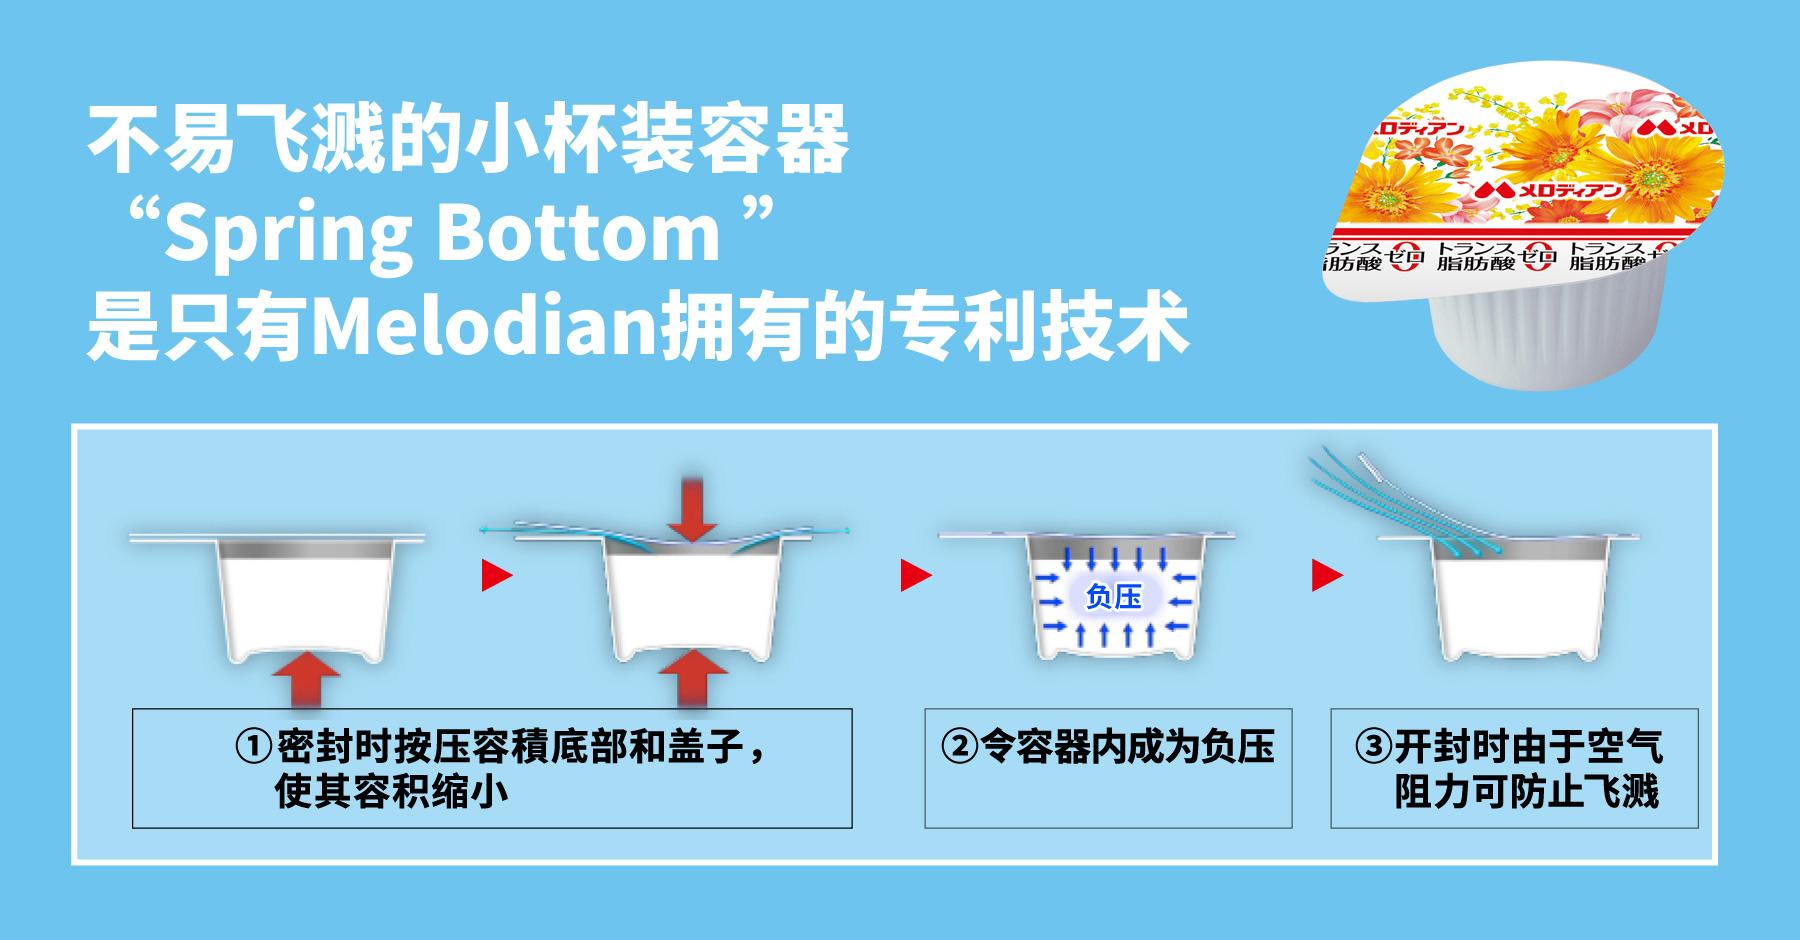 不易飞溅的小杯装容器「Spring Bottom」是只有Melodian拥有的专利技术